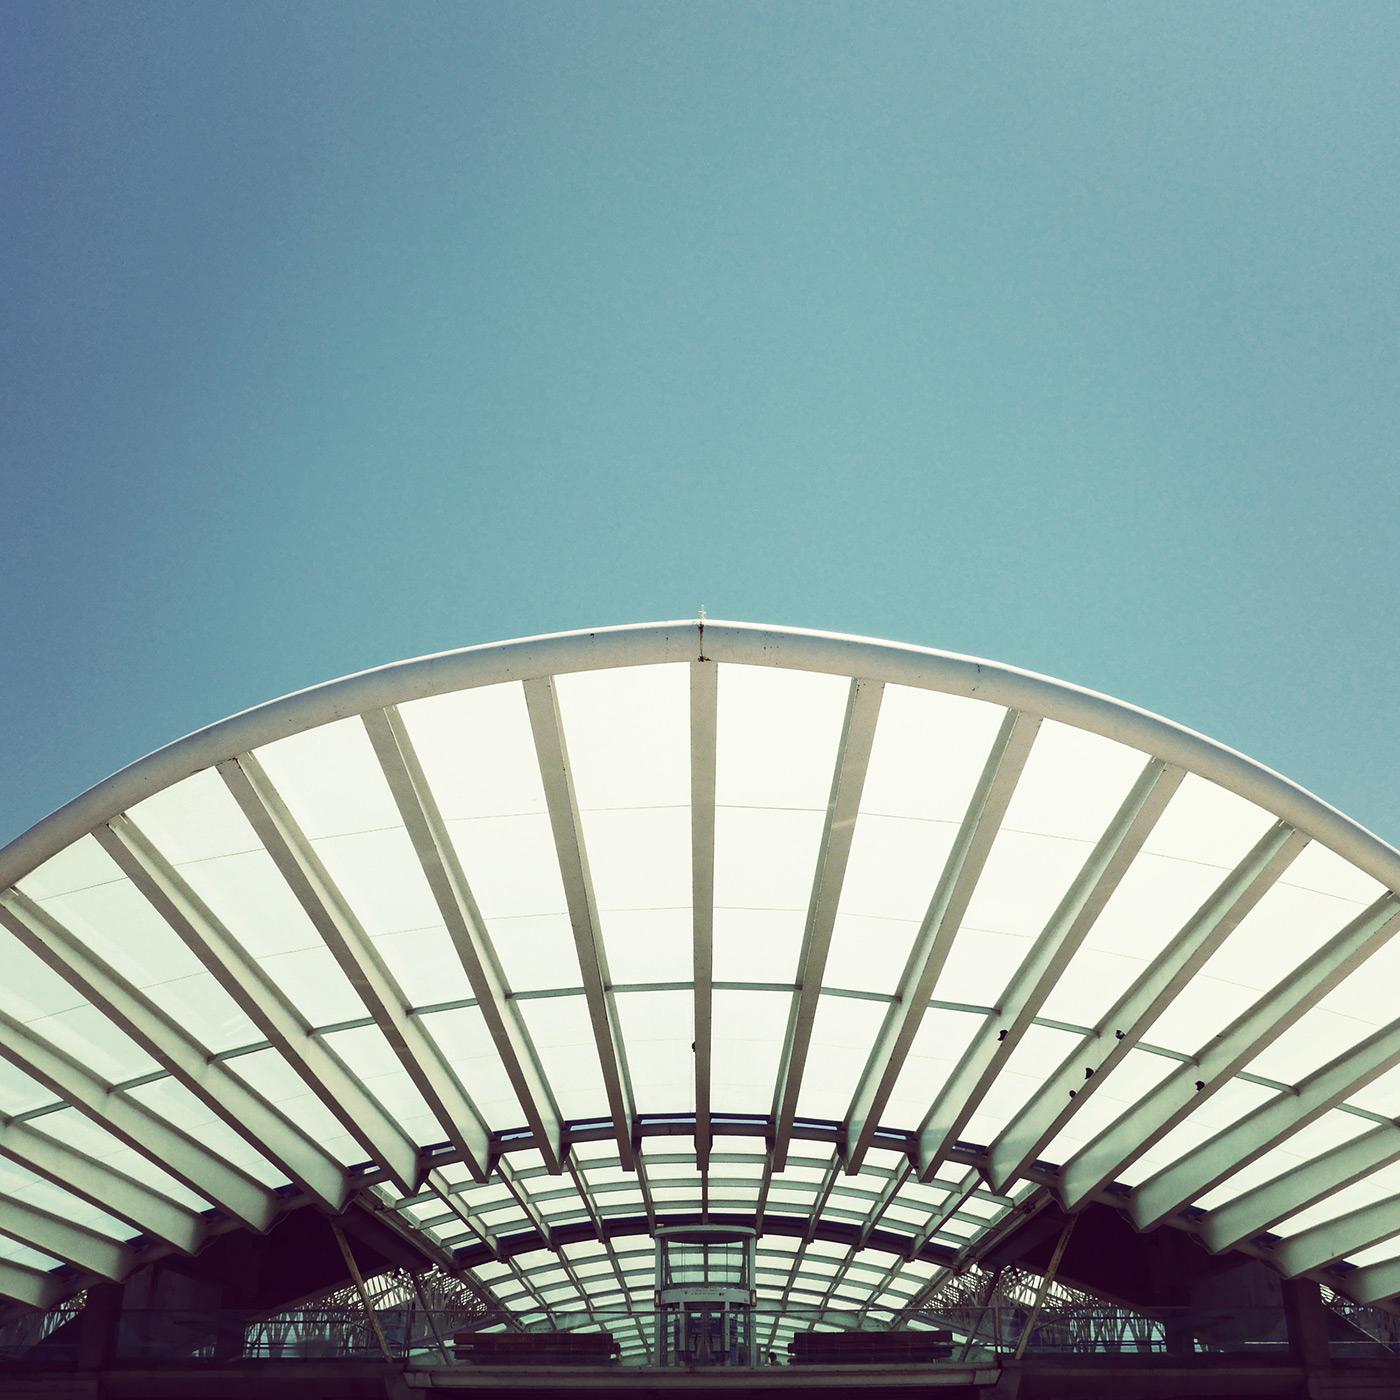 Estação do Oriente <br />Location: Lisbon, Portugal <br />Architect: Santiago Calatrava